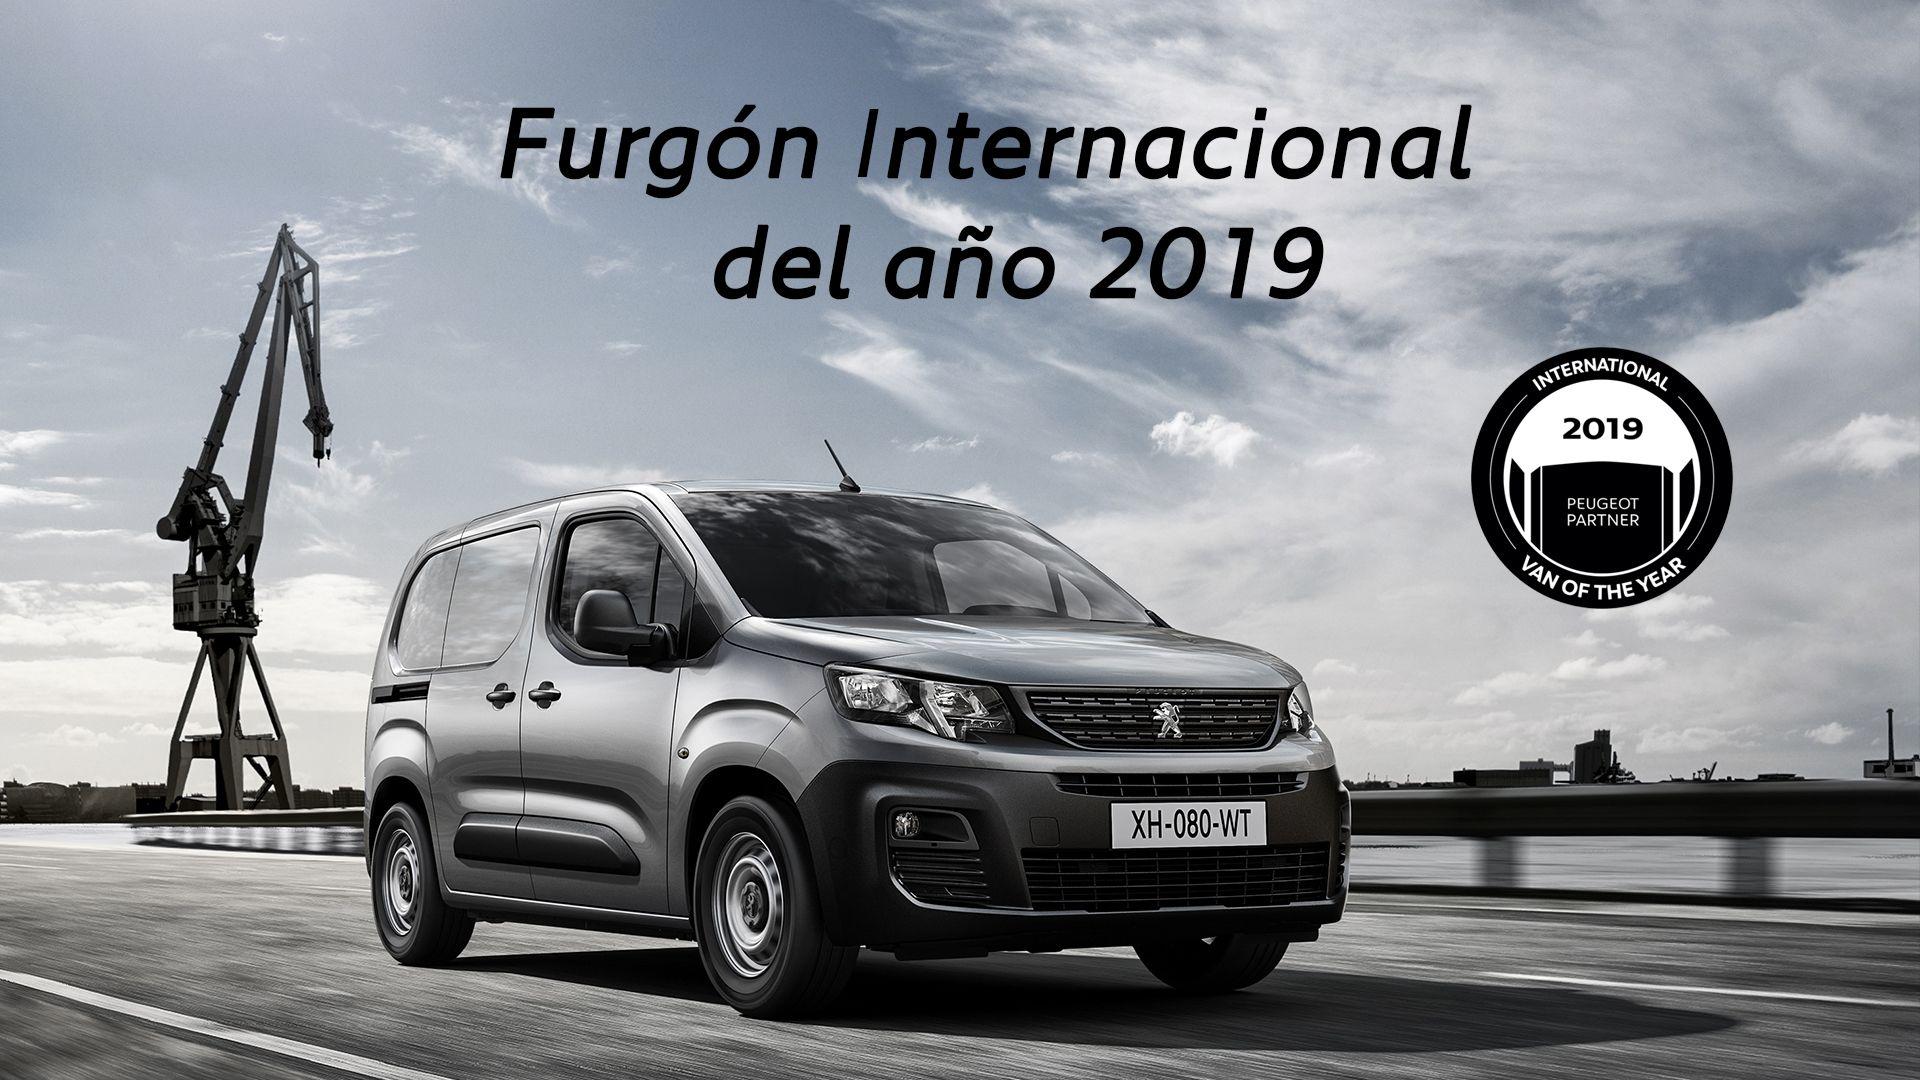 El nuevo Peugeot Partner se corona Furgón Internacional del año 2019